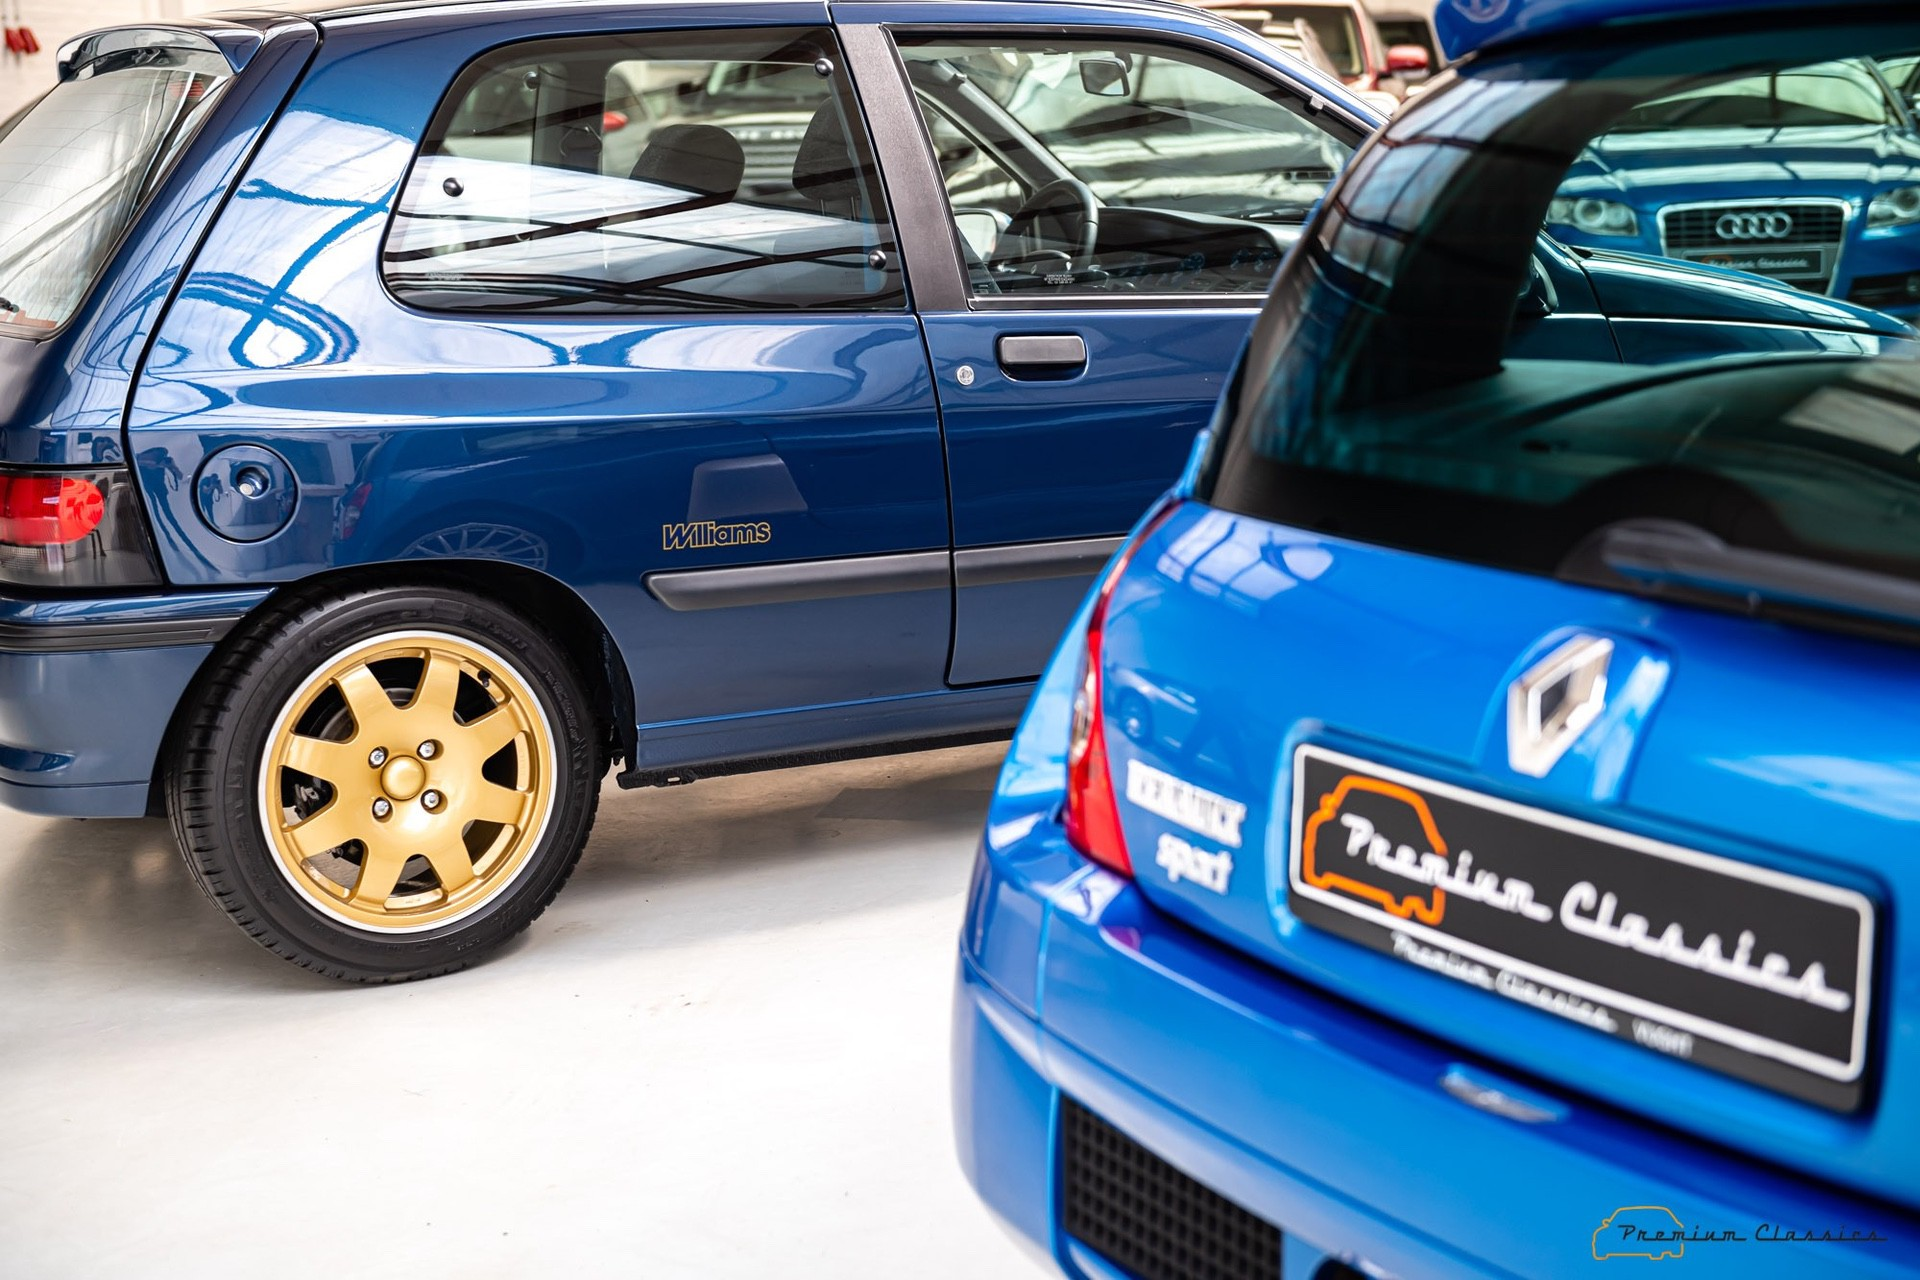 Renault_Clio_Williams_sale-0069